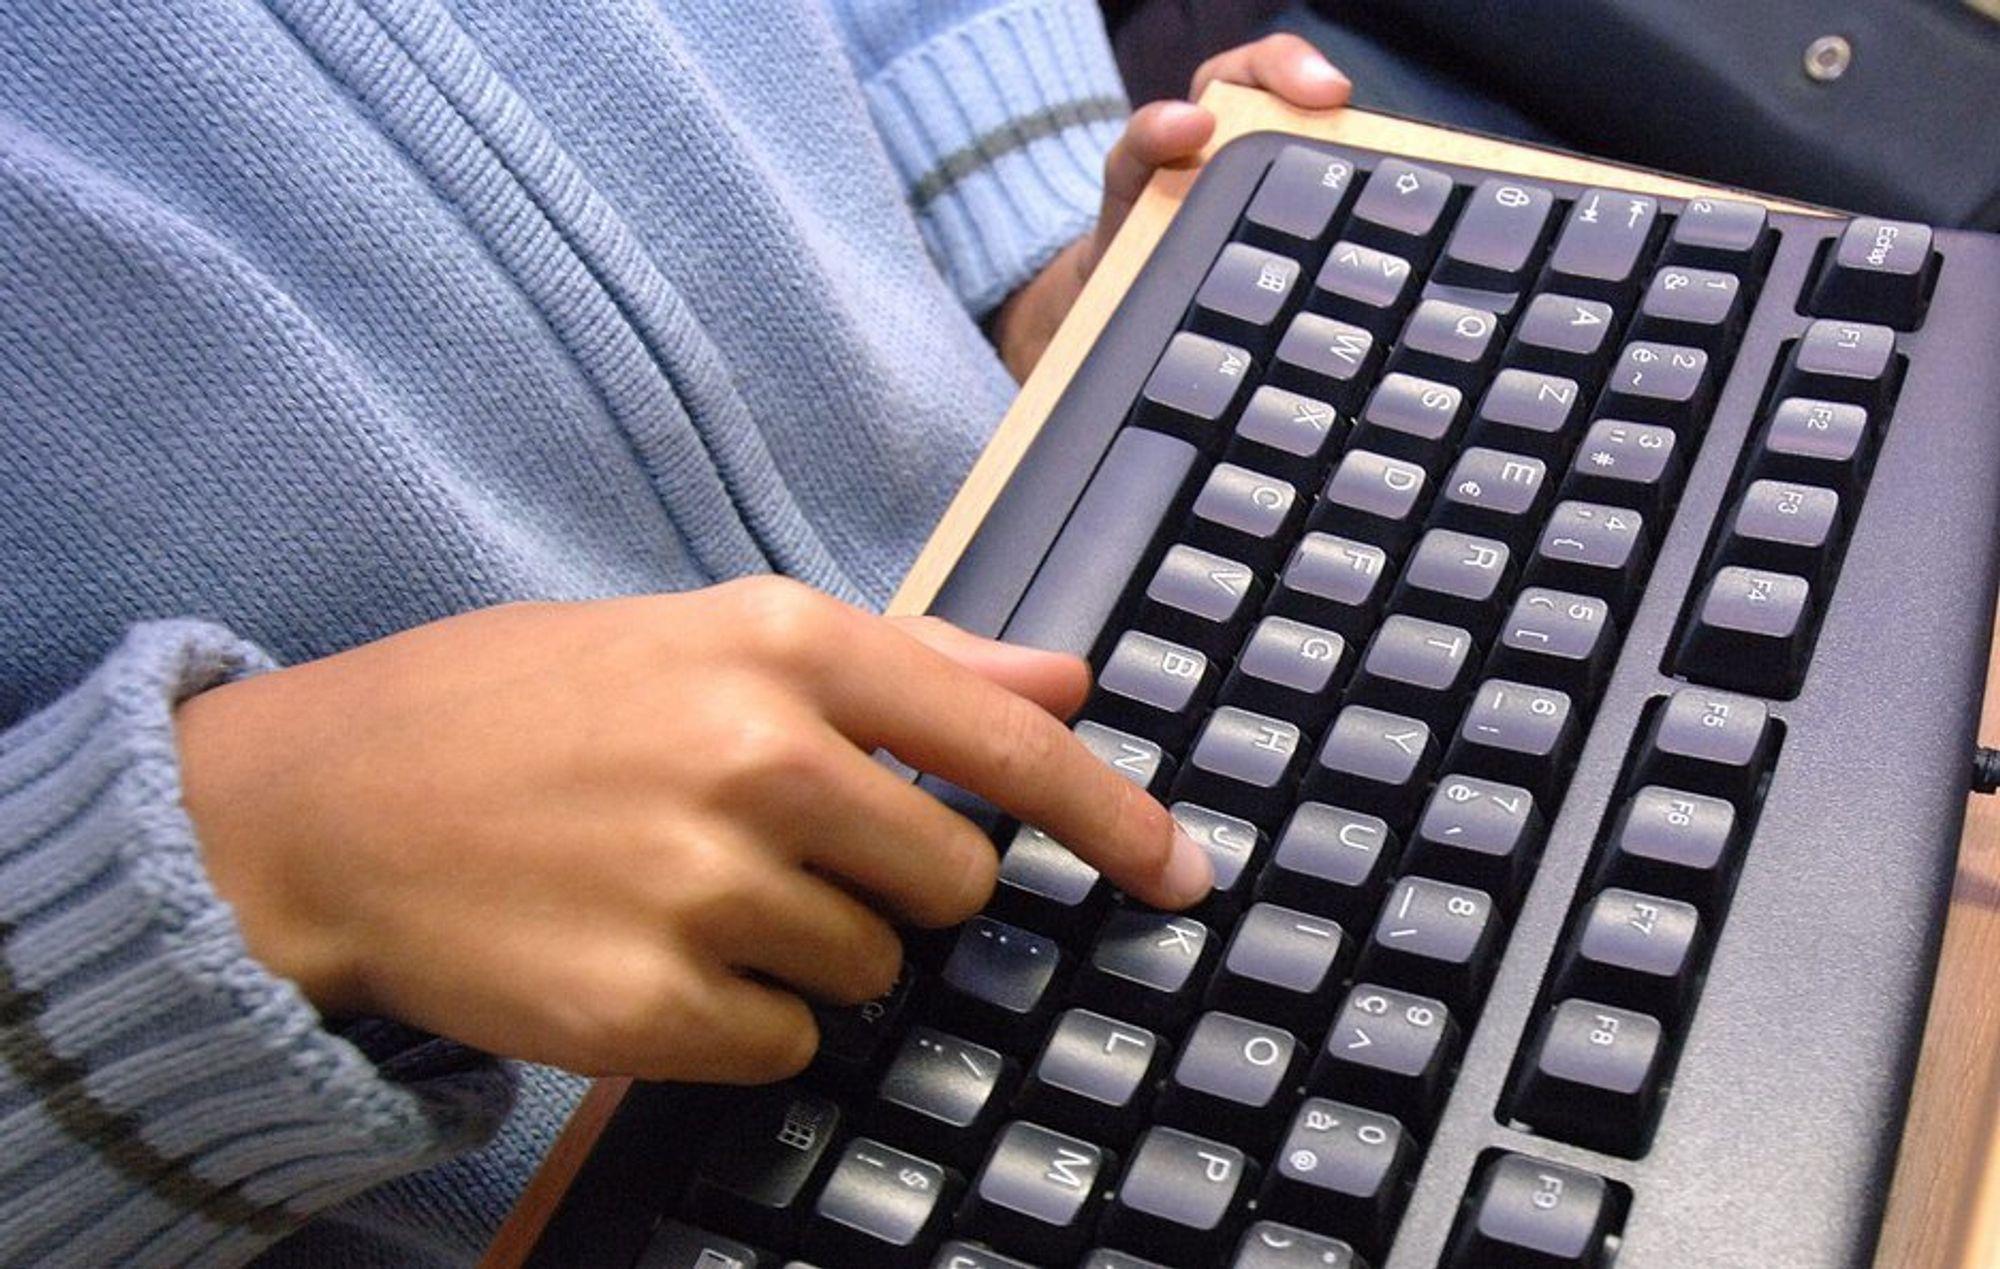 SKJØNNER IKKE BRUKEN: Kostbar IT-infrastruktur er på plass i skolen, men IKT-målene blir fortsatt ikke nådd, konkluderer Abelia.